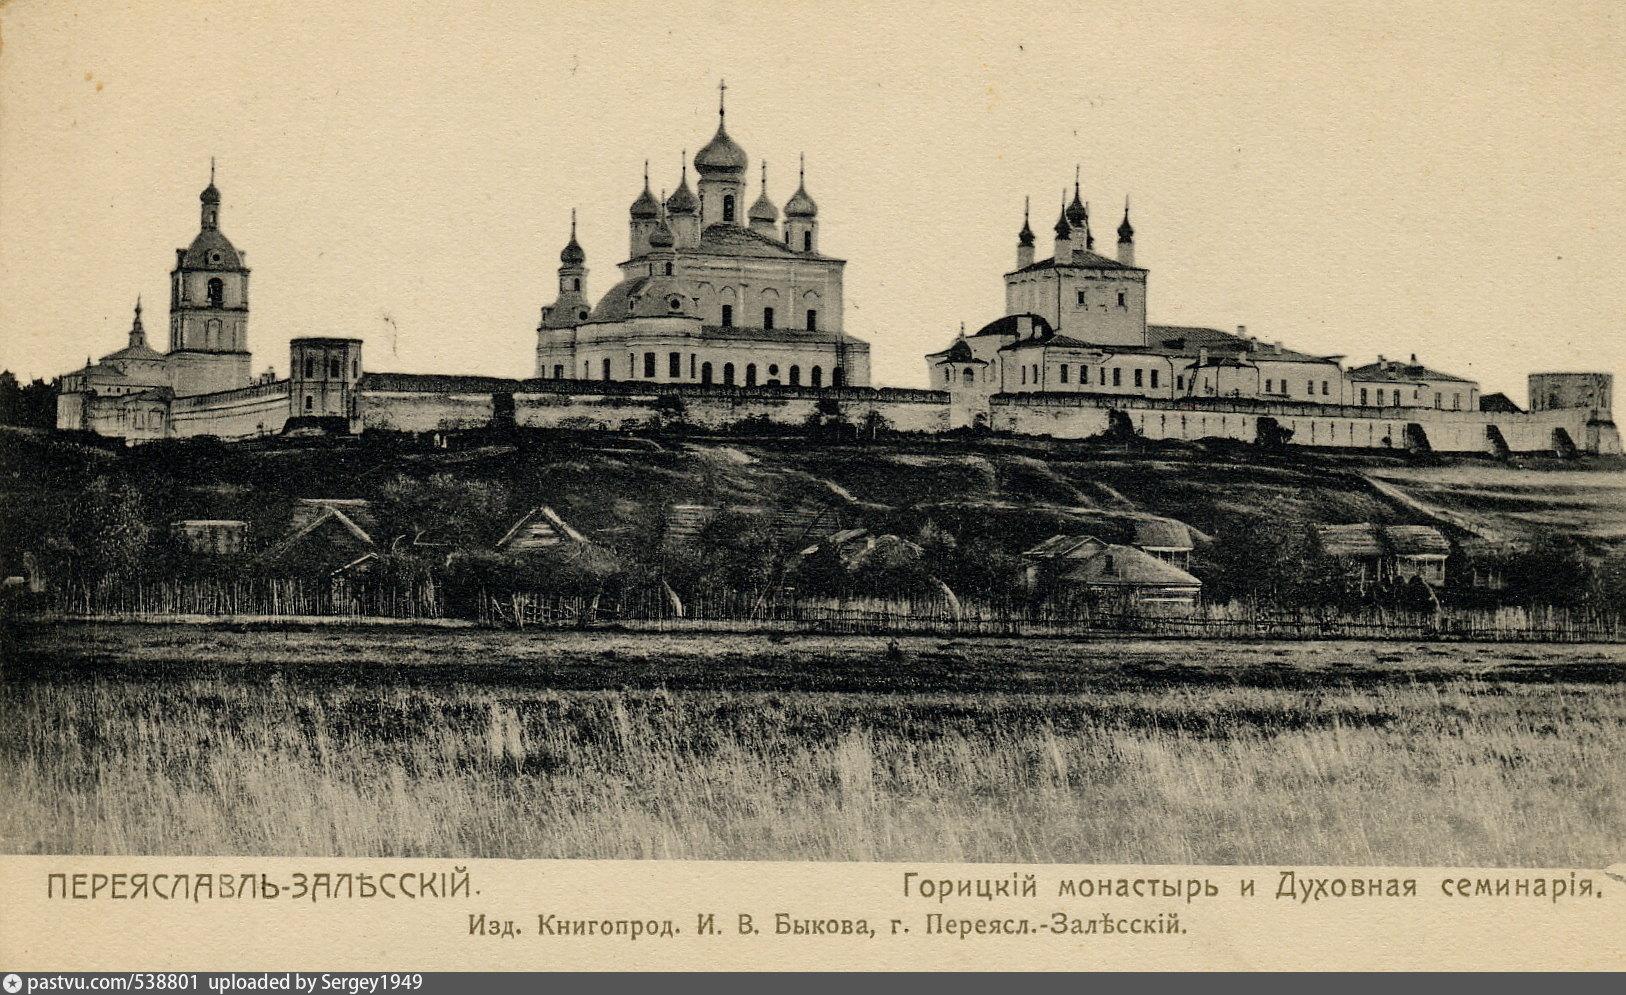 Картинки, переславль-залесский в старой открытке